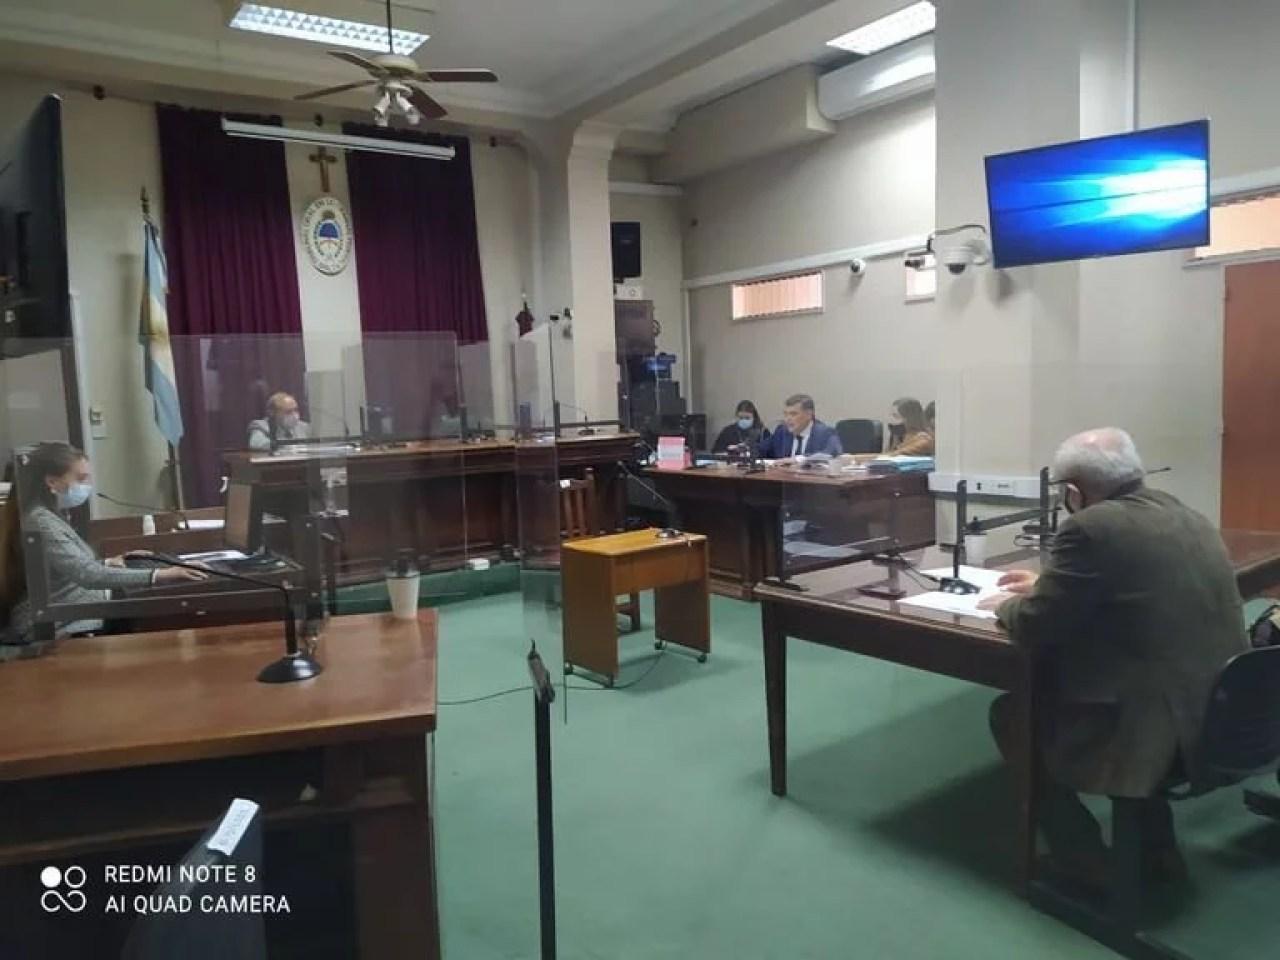 El Tribunal Oral Federal N°1 de Salta, antes de condenar al expolicía Ramón Oscar Luna a 11 años de prisión por el intento de femicidio de su esposa